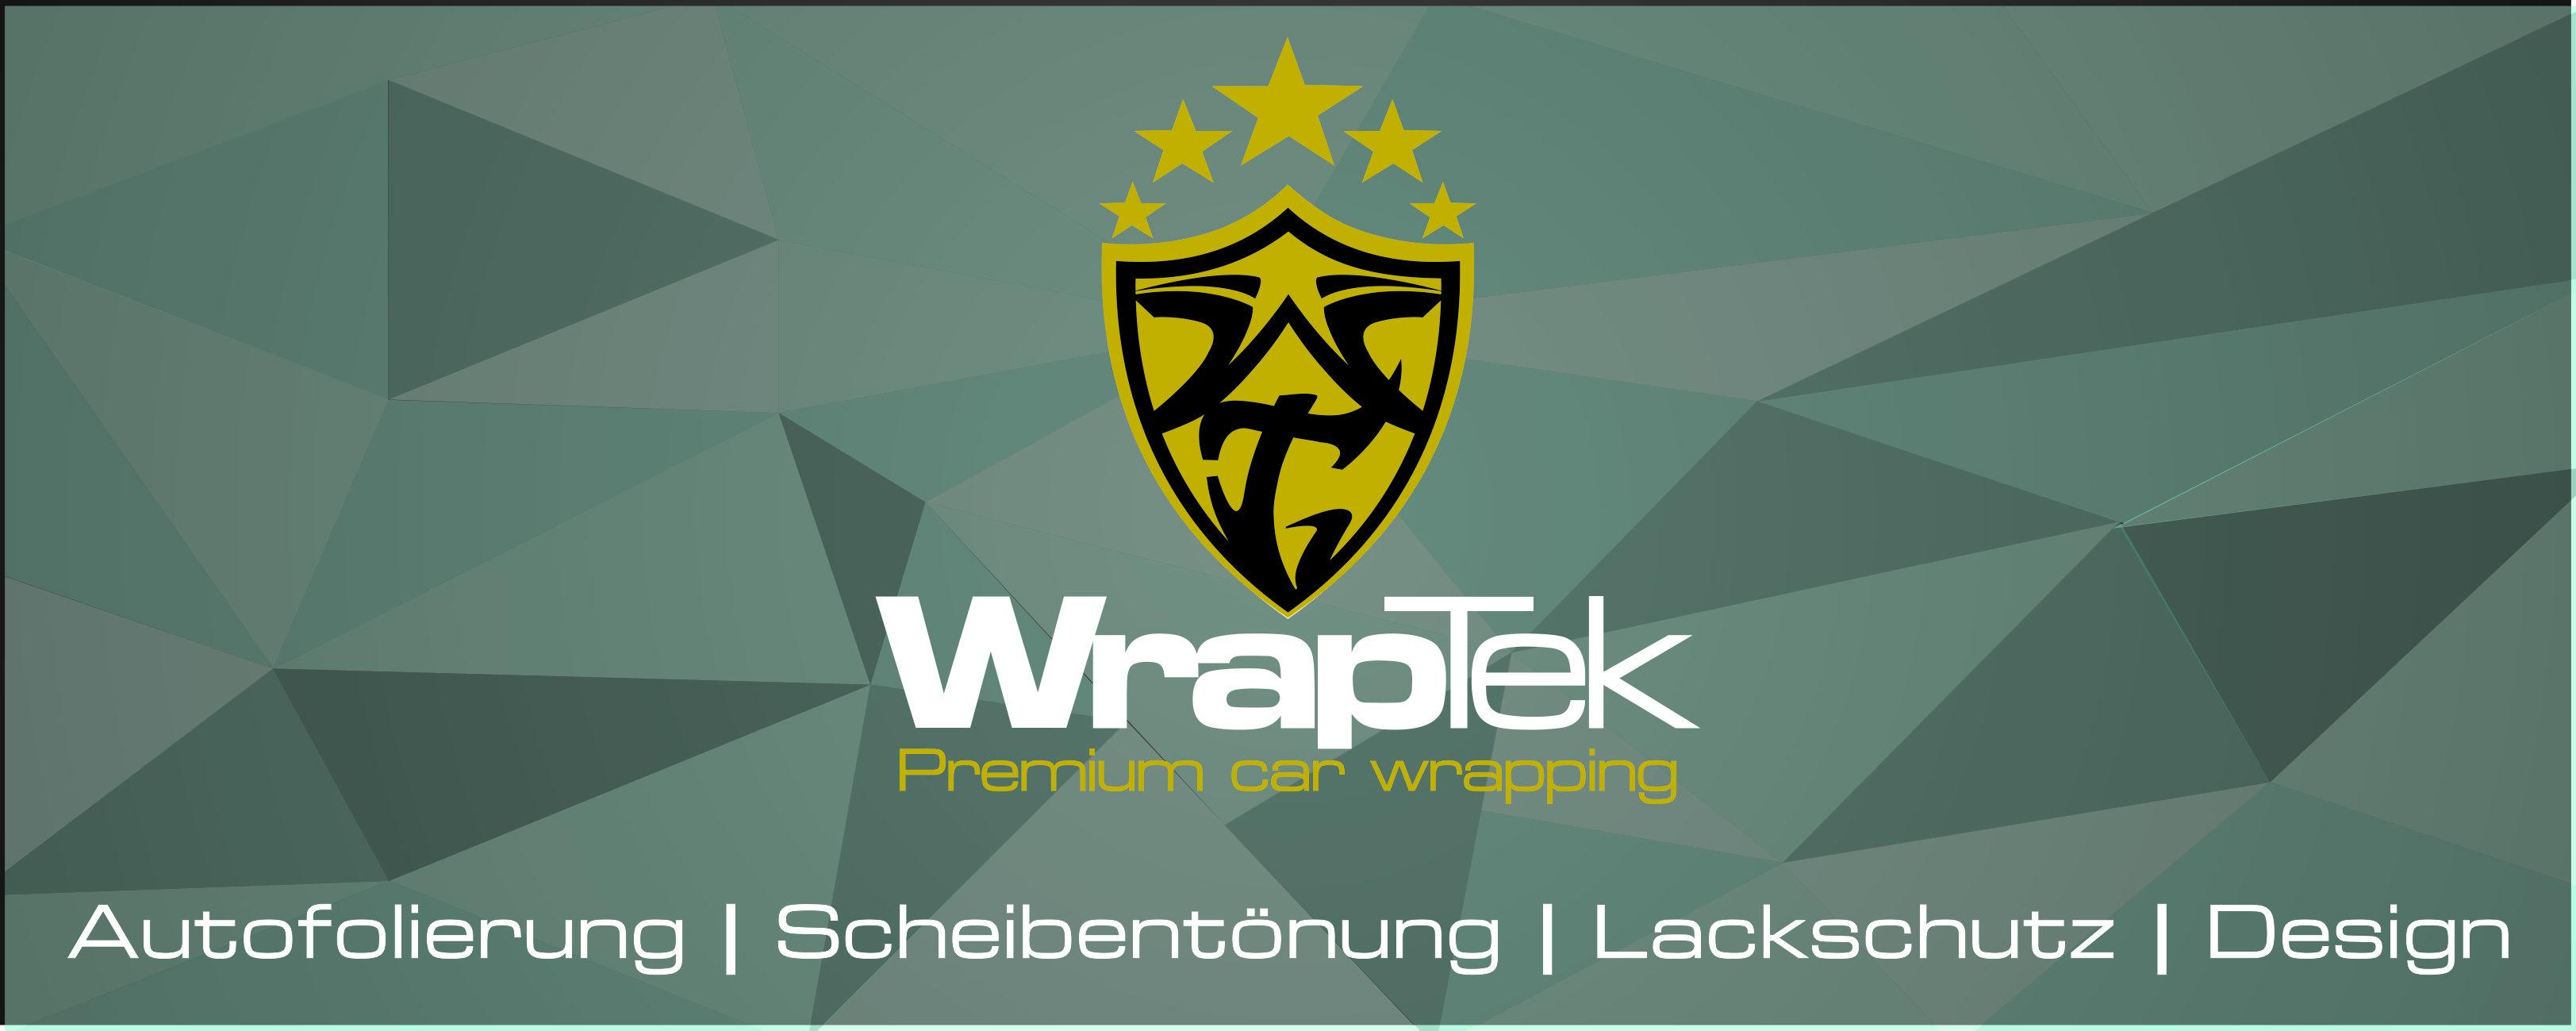 WrapTek_banner2,5x1m